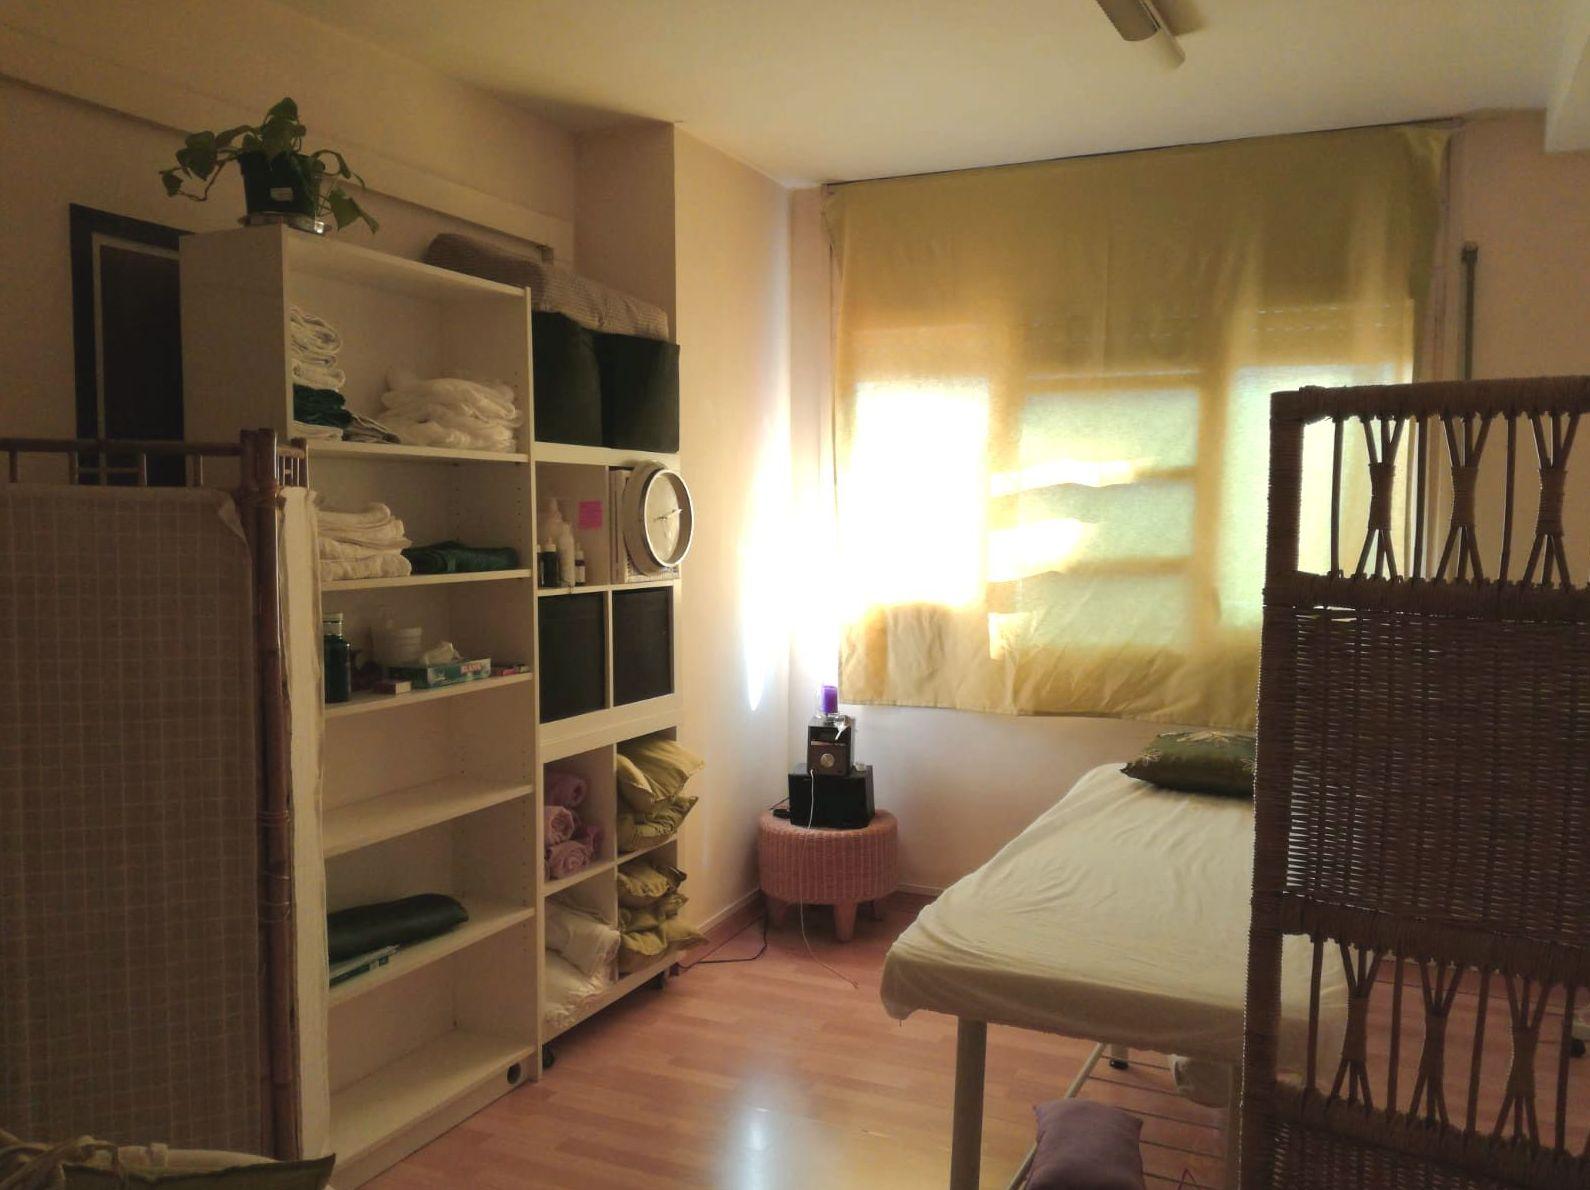 Foto 7 de Terapias naturales en Sabadell   Elena Tamayo Terapies